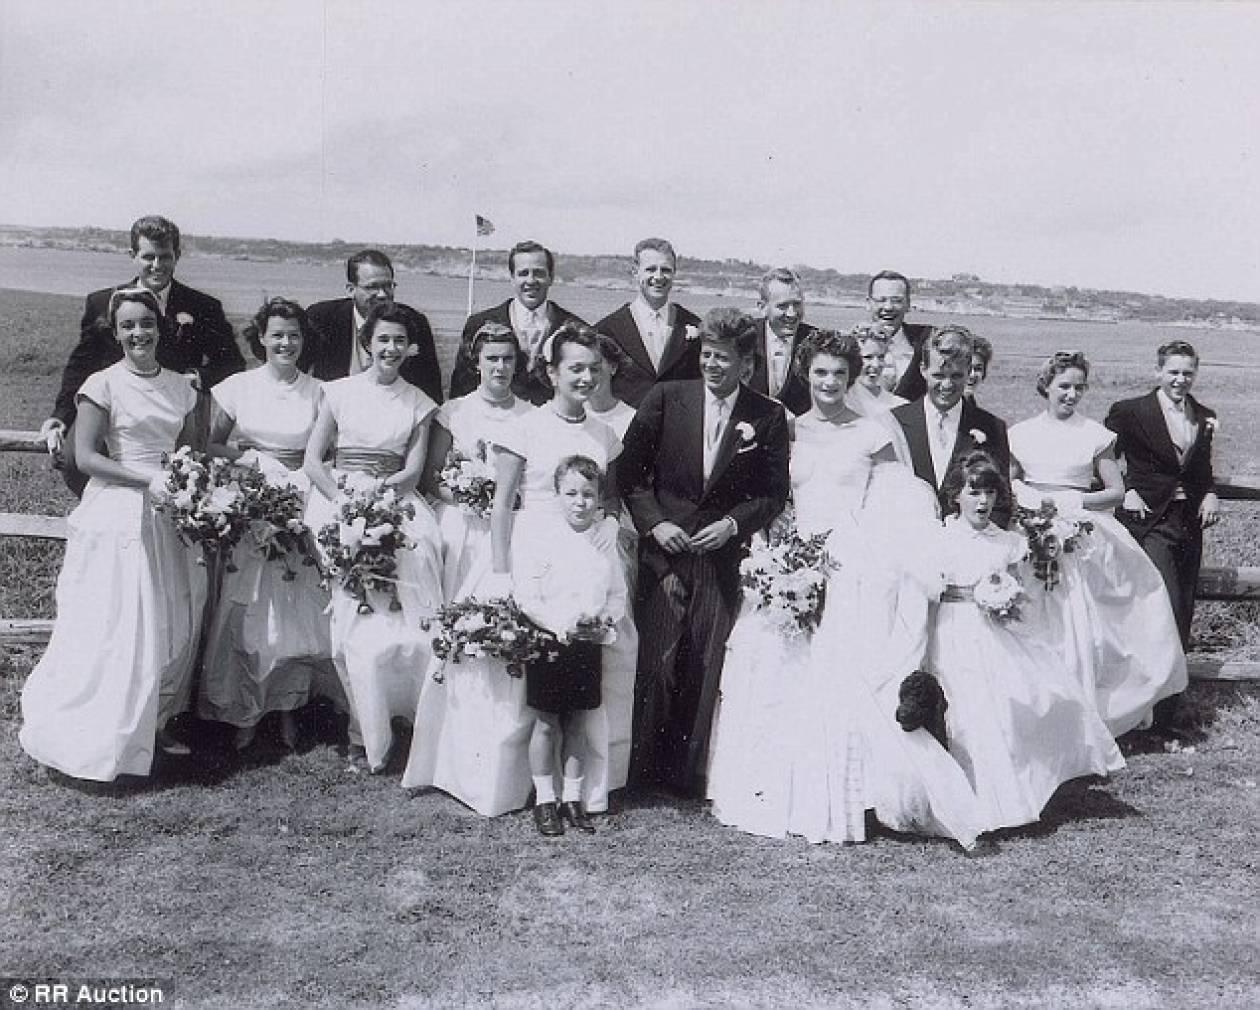 Τζον και Τζάκι Κένεντι: Αδημοσίευτες φωτογραφίες από το γάμο τους (pics)